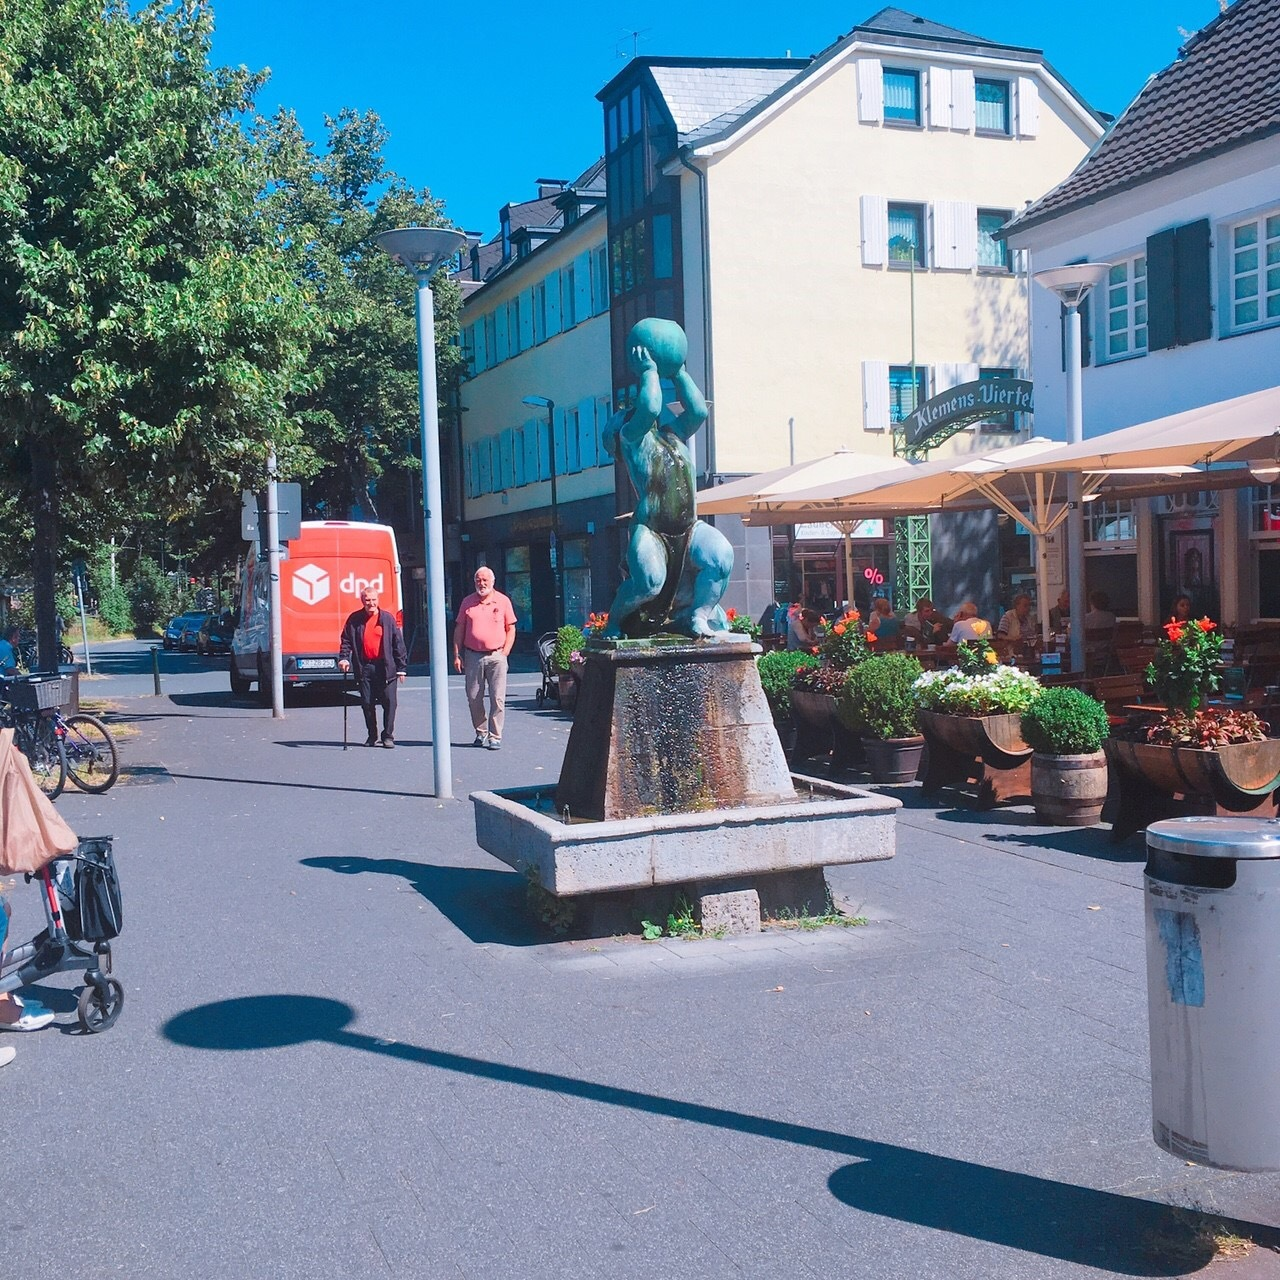 ドイツ -帰国子女が教えるマル秘スポット【デュッセルドルフ】の街を歩く-_1_1-3